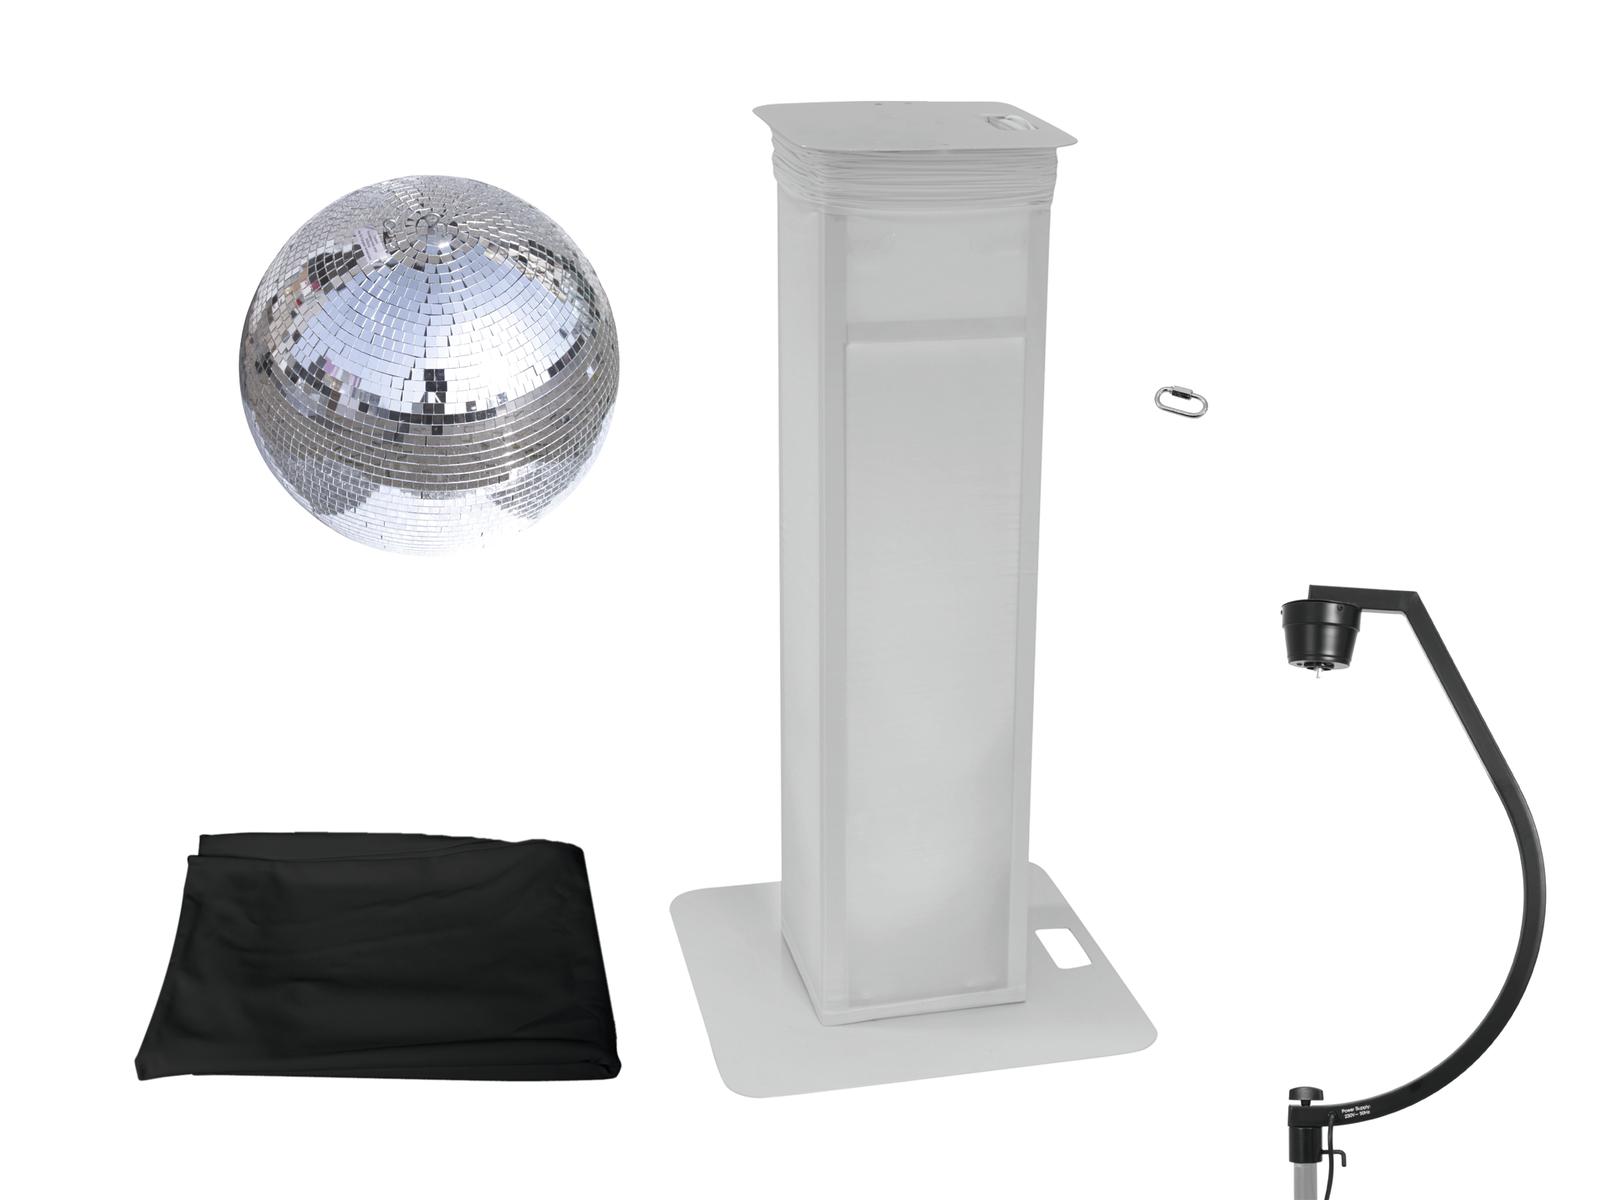 EUROLITE Set Spiegelkugel 50cm mit Stage Stand variabel + Cover schwarz